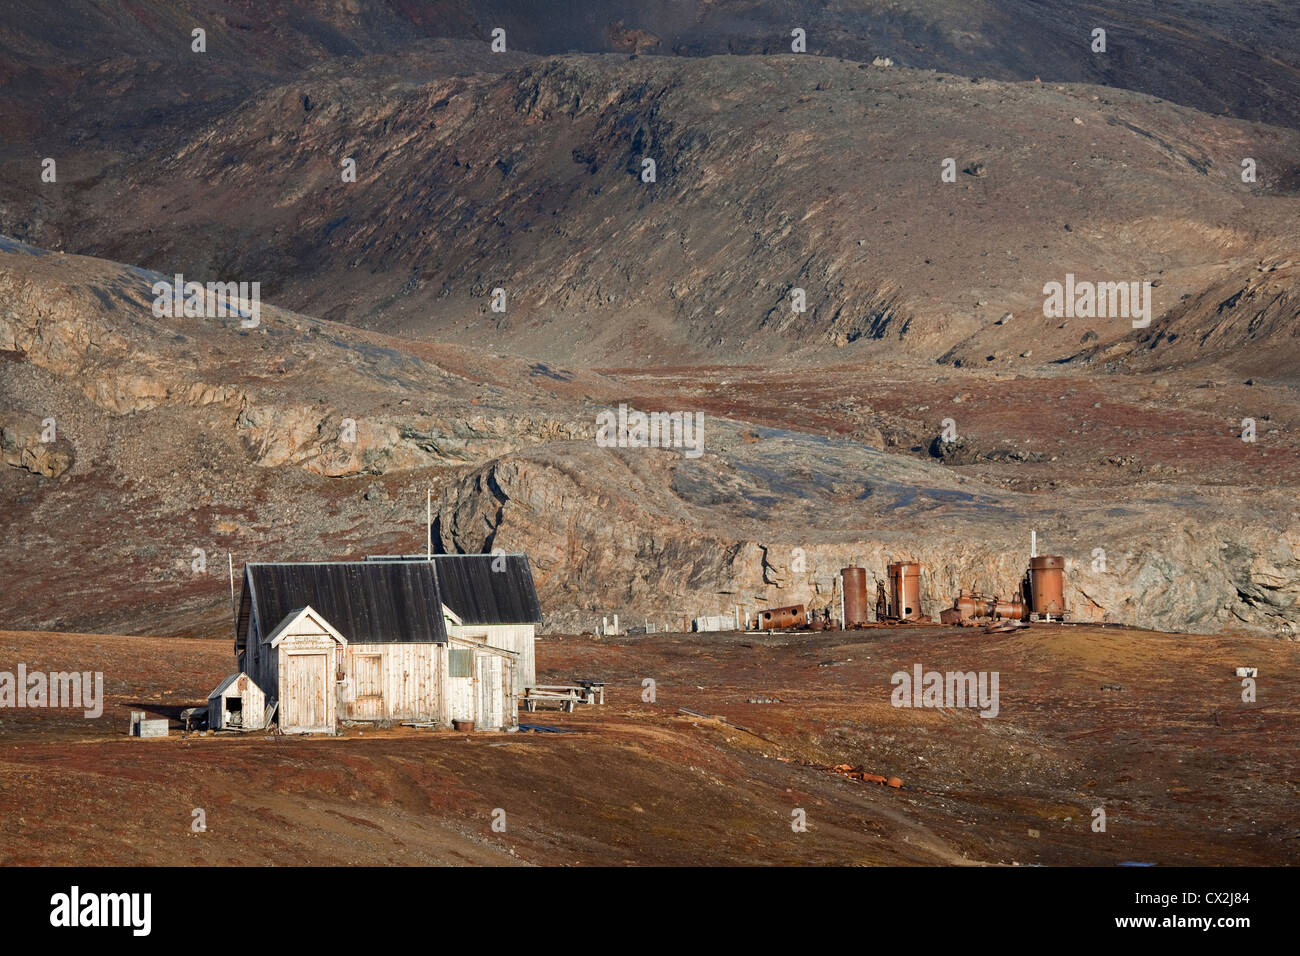 Camp de huttes en bois de Mansfield, ancienne carrière de marbre à Blomstrandhalvøya, Svalbard, Spitzberg, Photo Stock